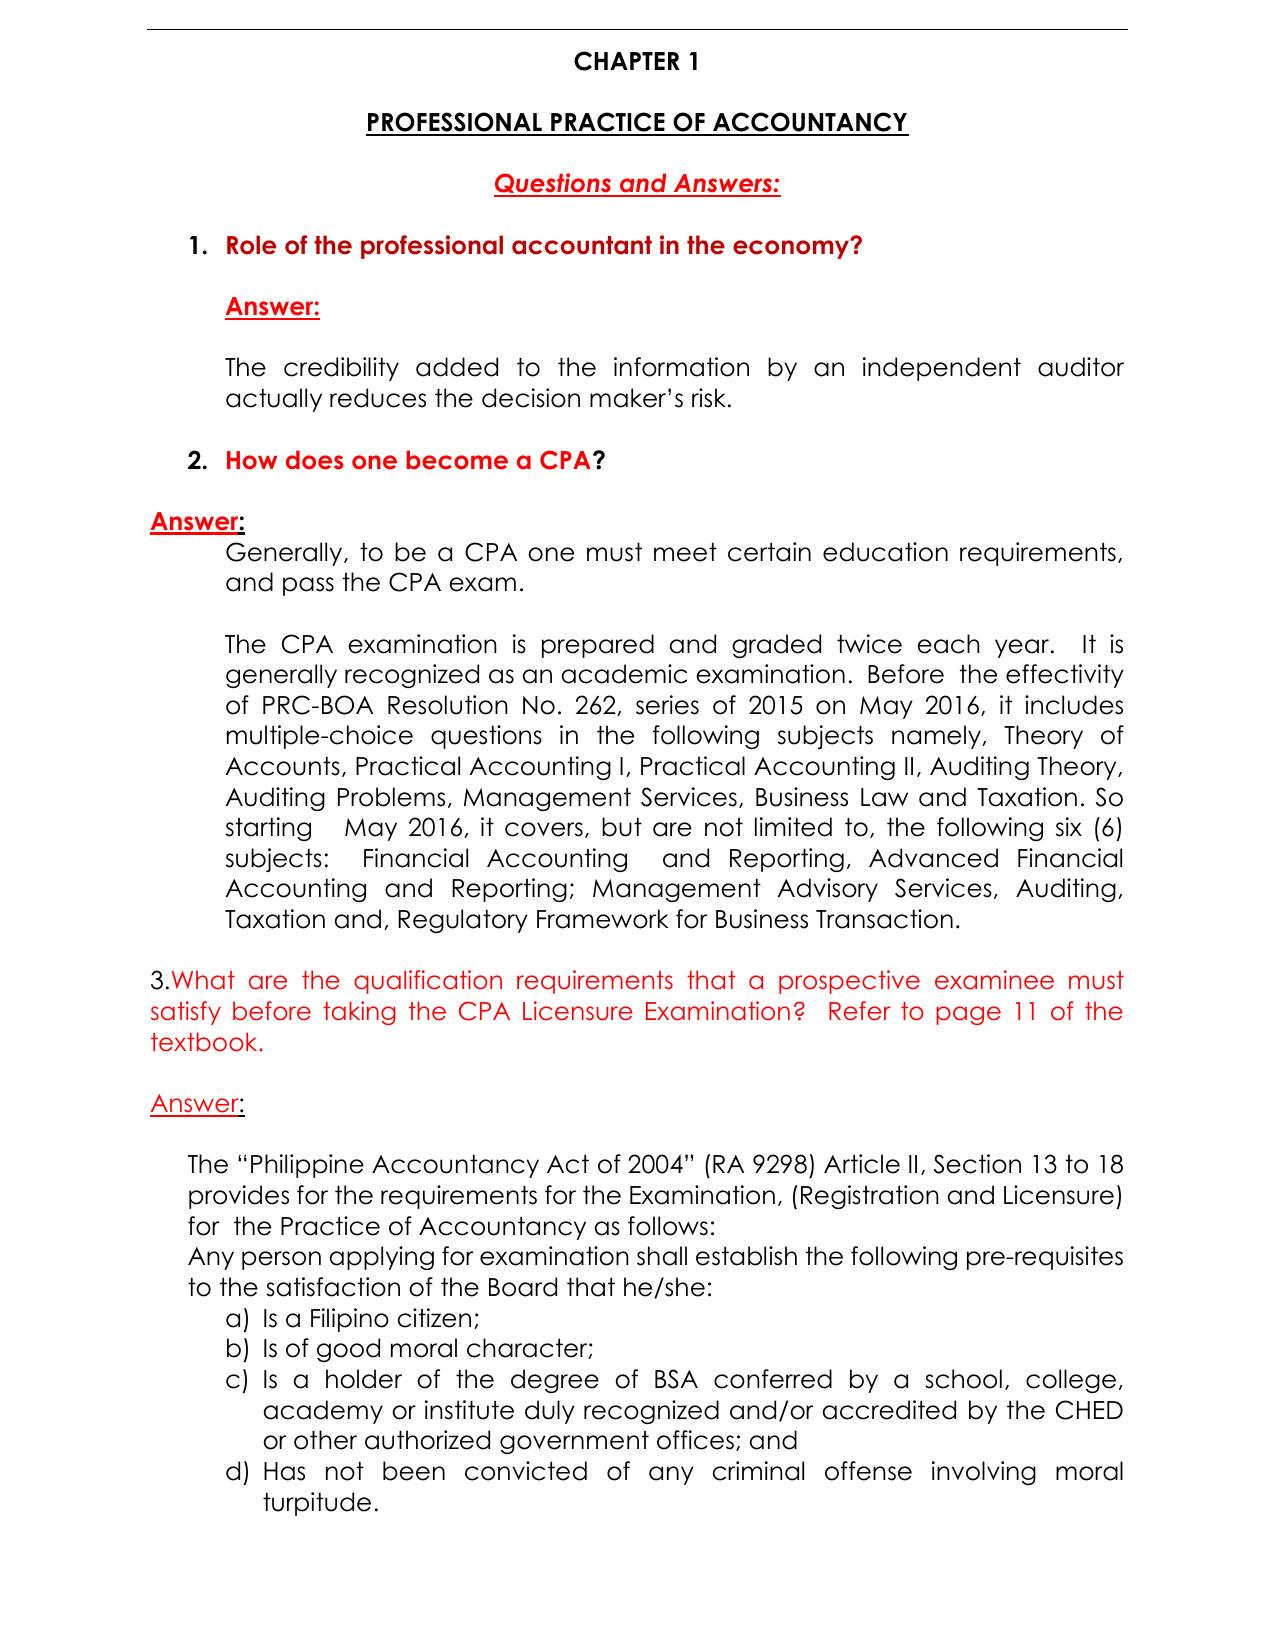 CH1 14AUDTHEO.pdf